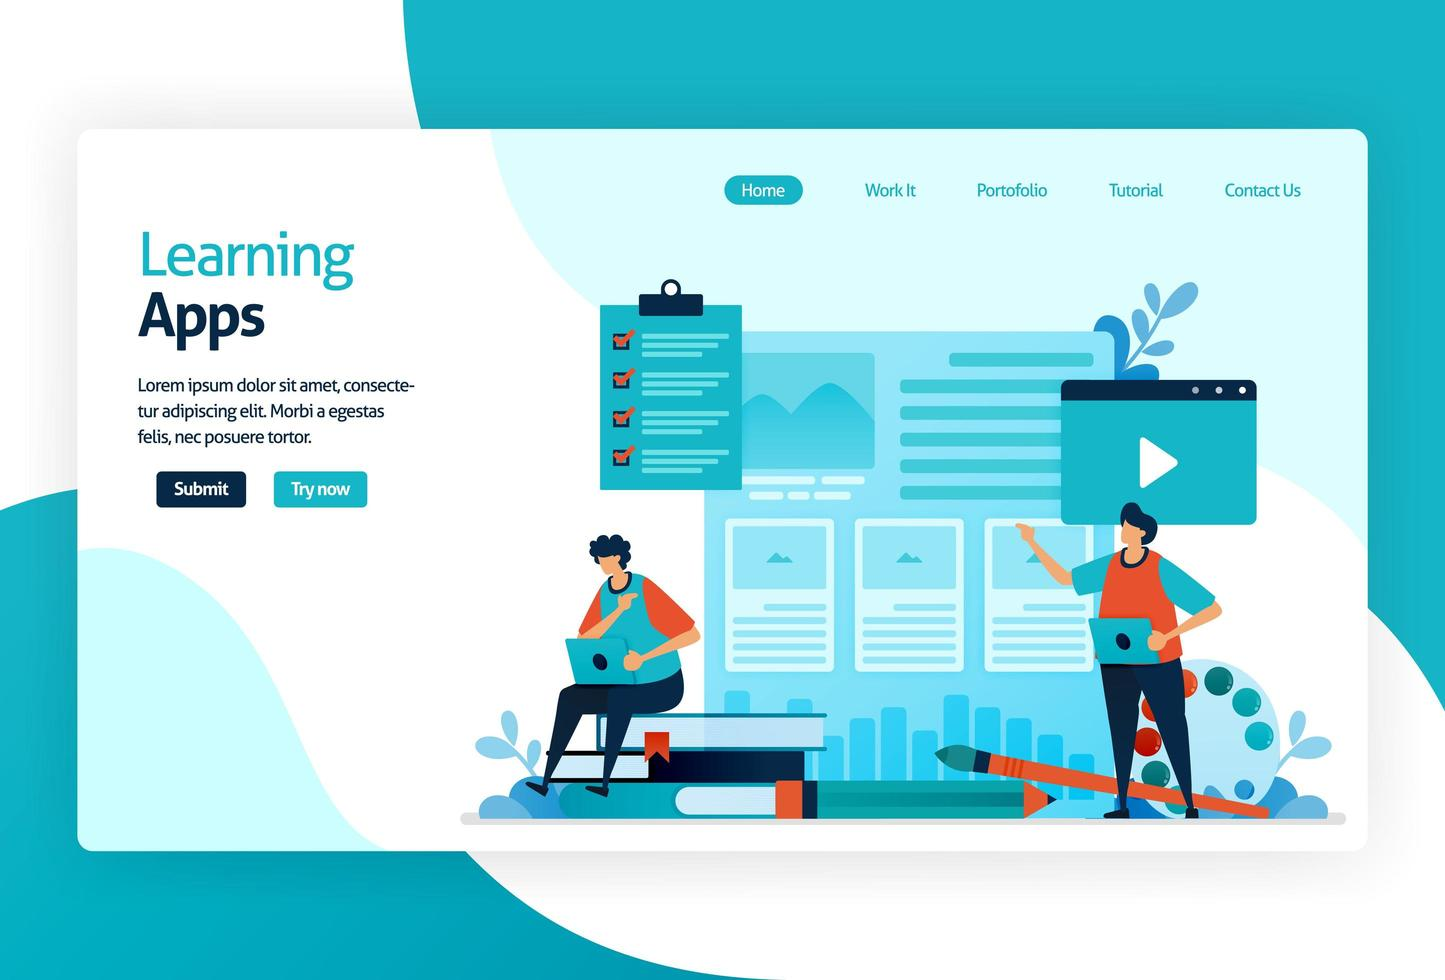 ilustração da página de destino para aplicativos de aprendizagem. processo educacional de aprendizagem de conhecimentos, habilidades, valores, crenças e hábitos. tecnologia digital no ensino, treinamento, contação de histórias, discussão. vetor